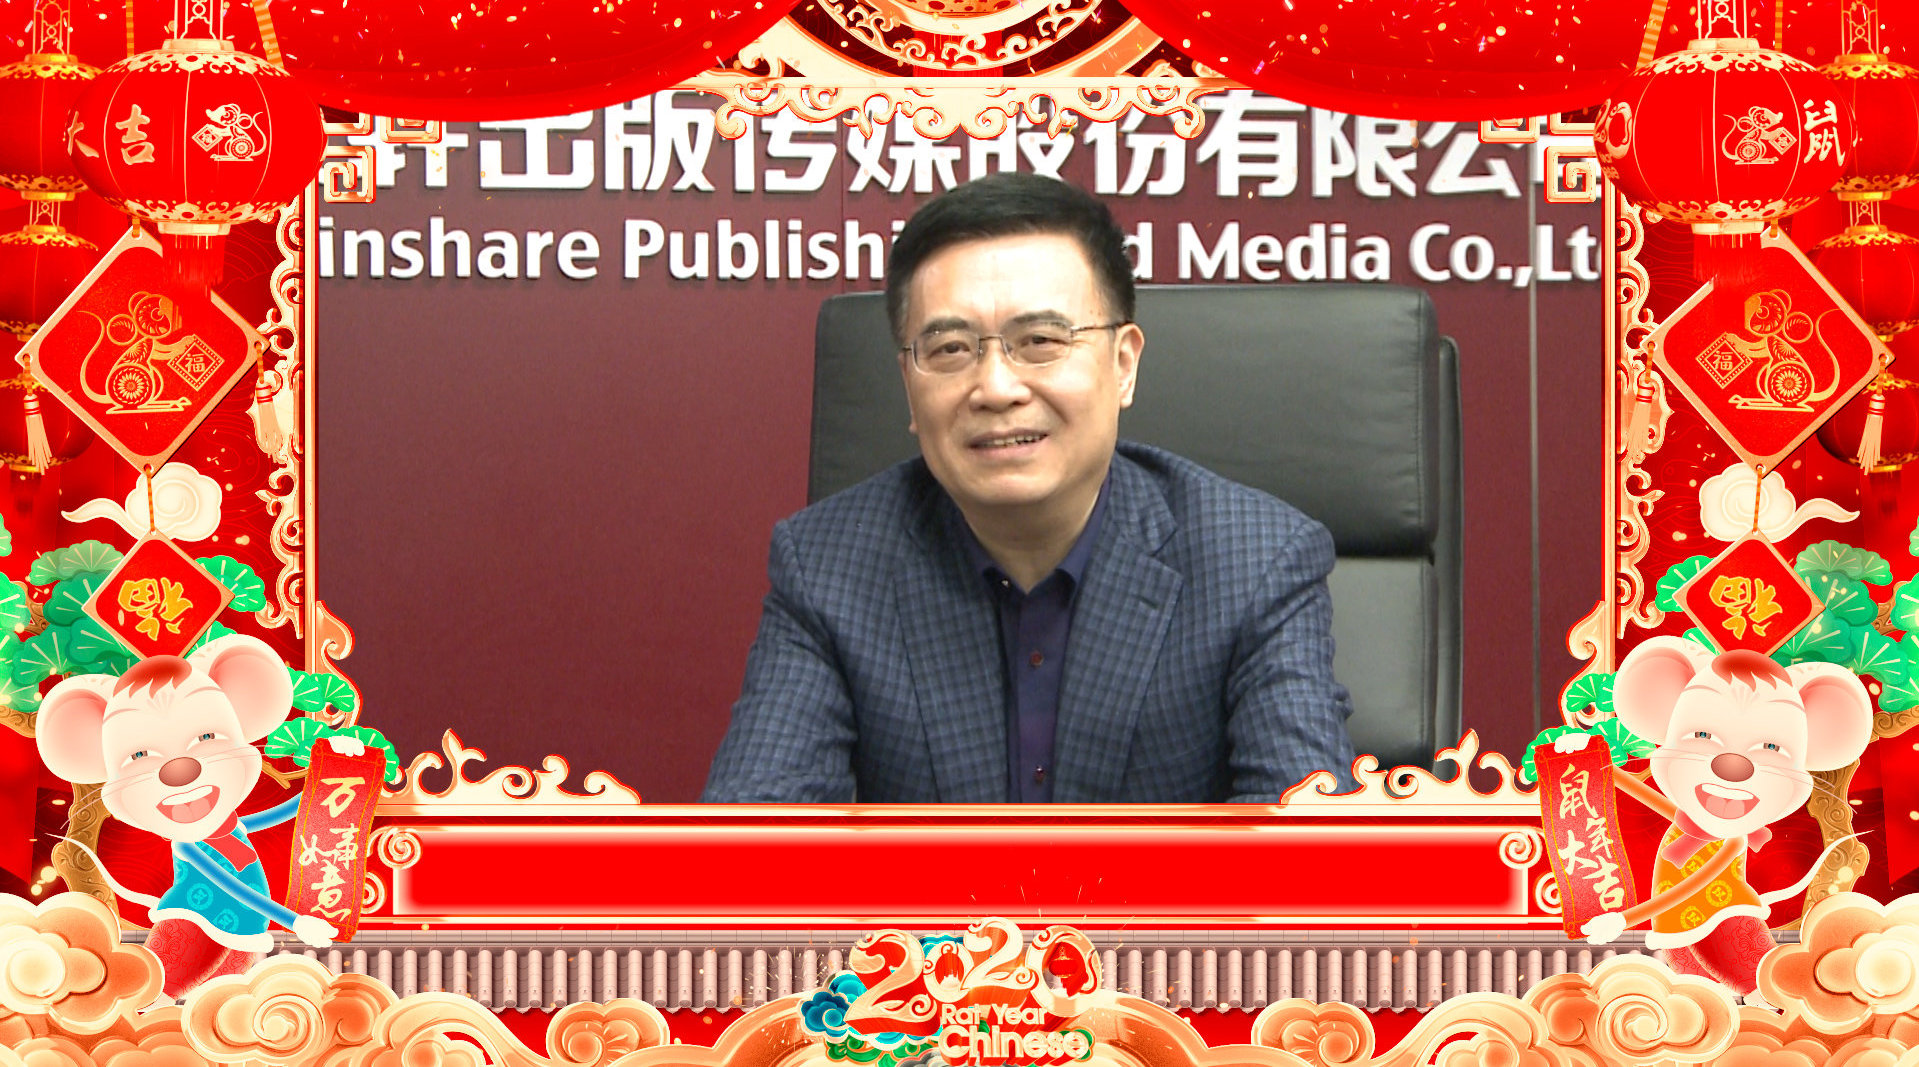 新华文轩董事长何志勇祝每日经济新闻用户新春快乐